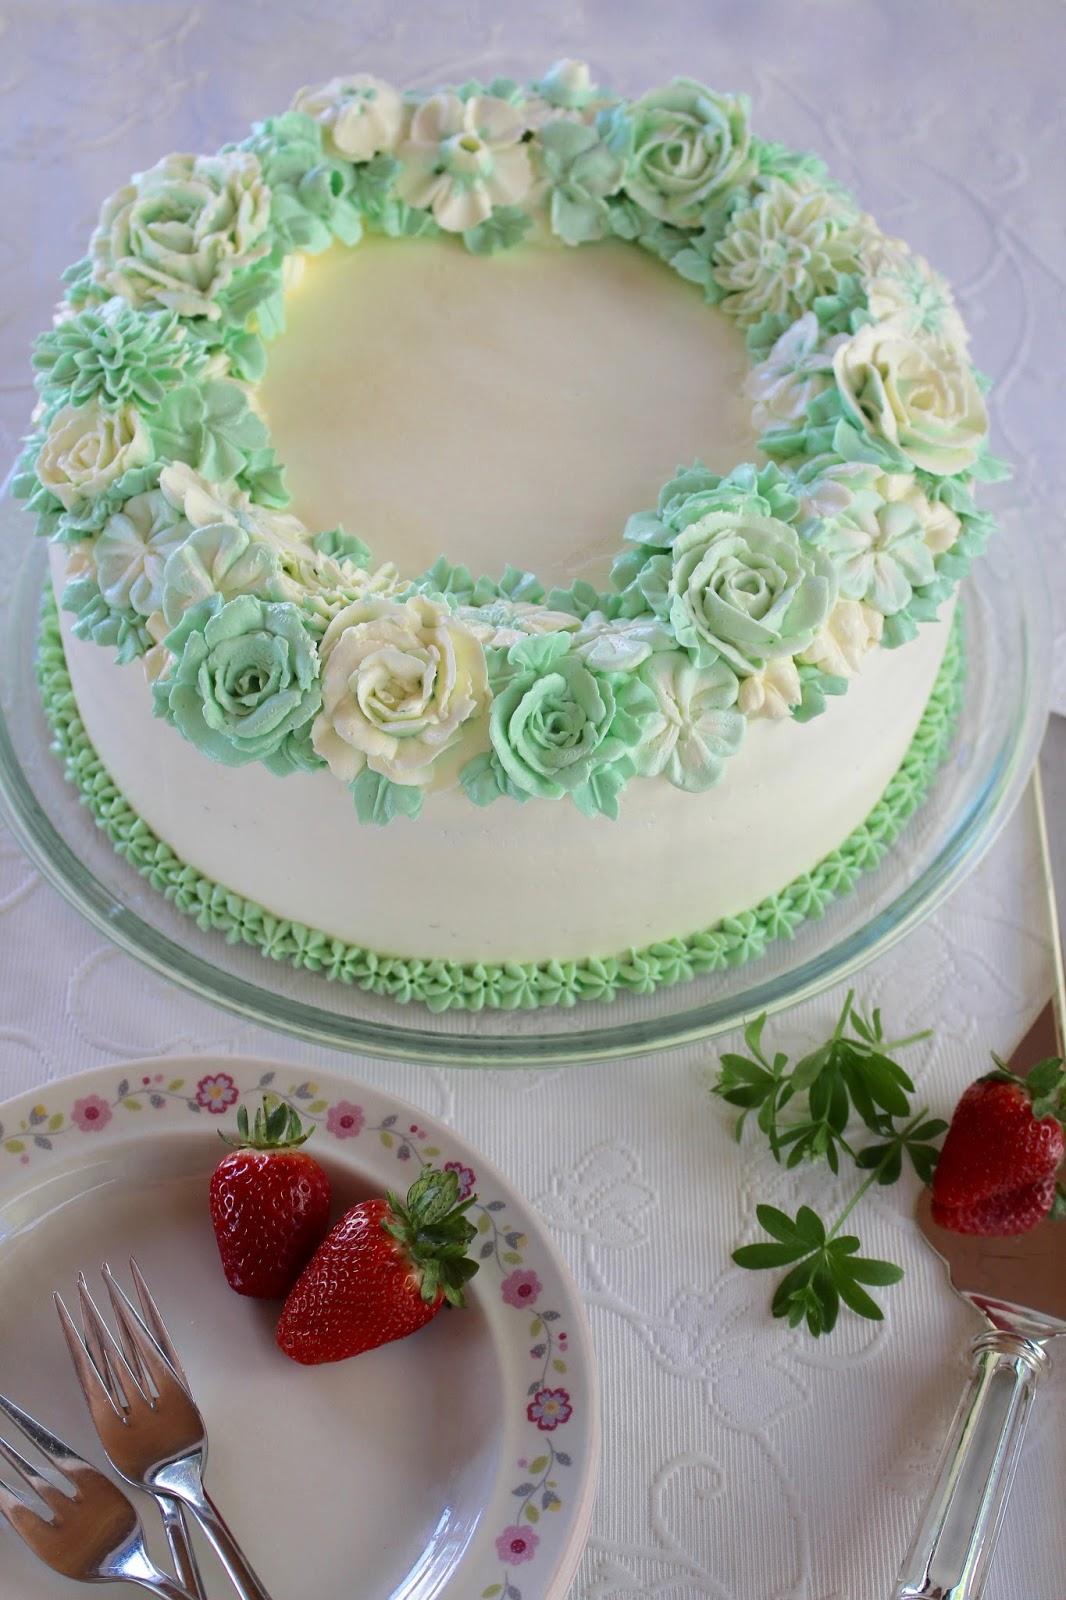 Erdbeer-Waldmeister-Torte mit Blütenkranz aus Buttercreme